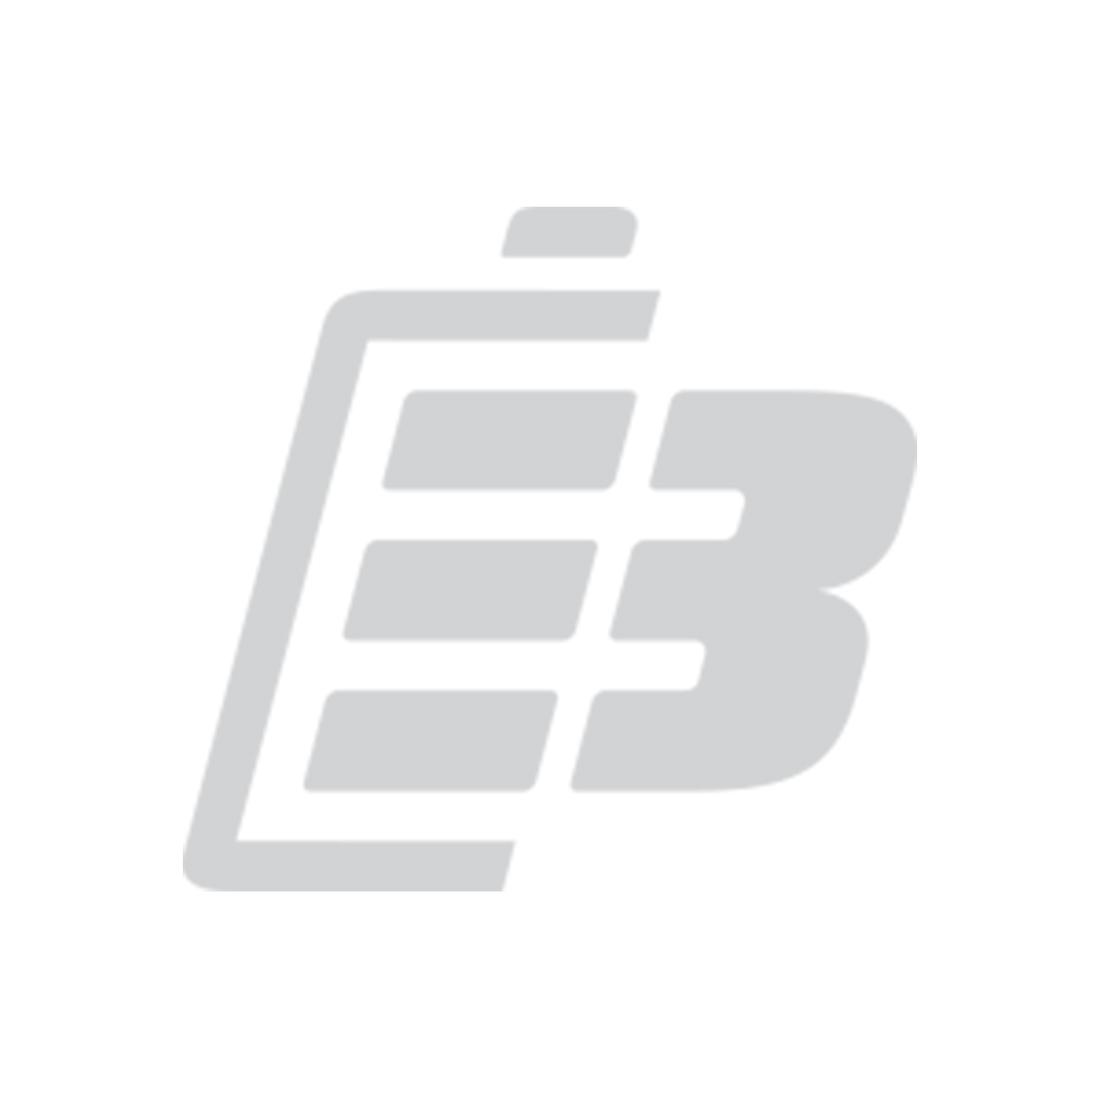 Μπαταρία κινητού τηλεφώνου Sony Ericsson W995_1